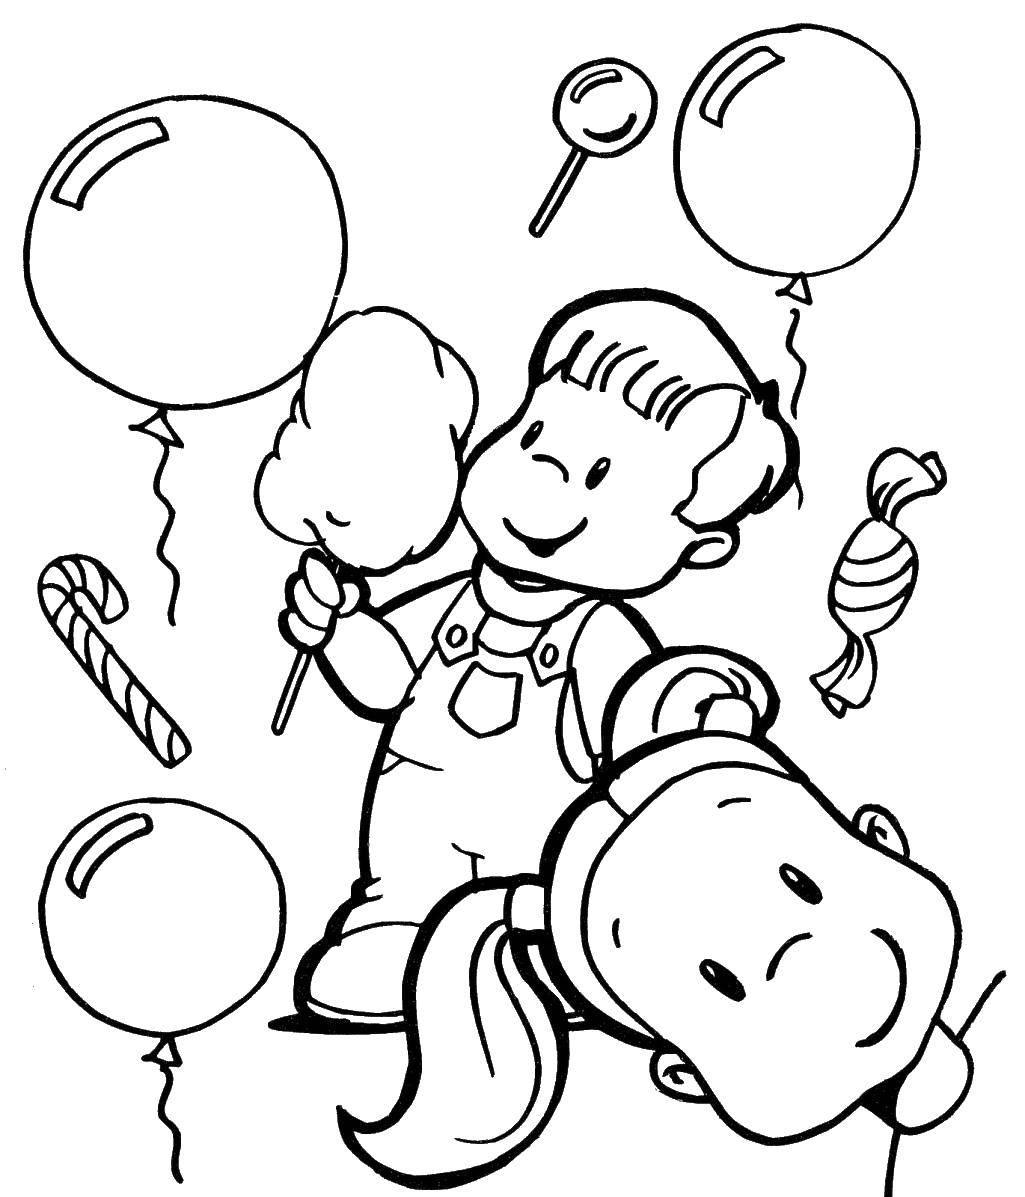 Раскраска Дети и сладкая вата с шариками. Скачать дети, шарики, вата.  Распечатать ,дети,